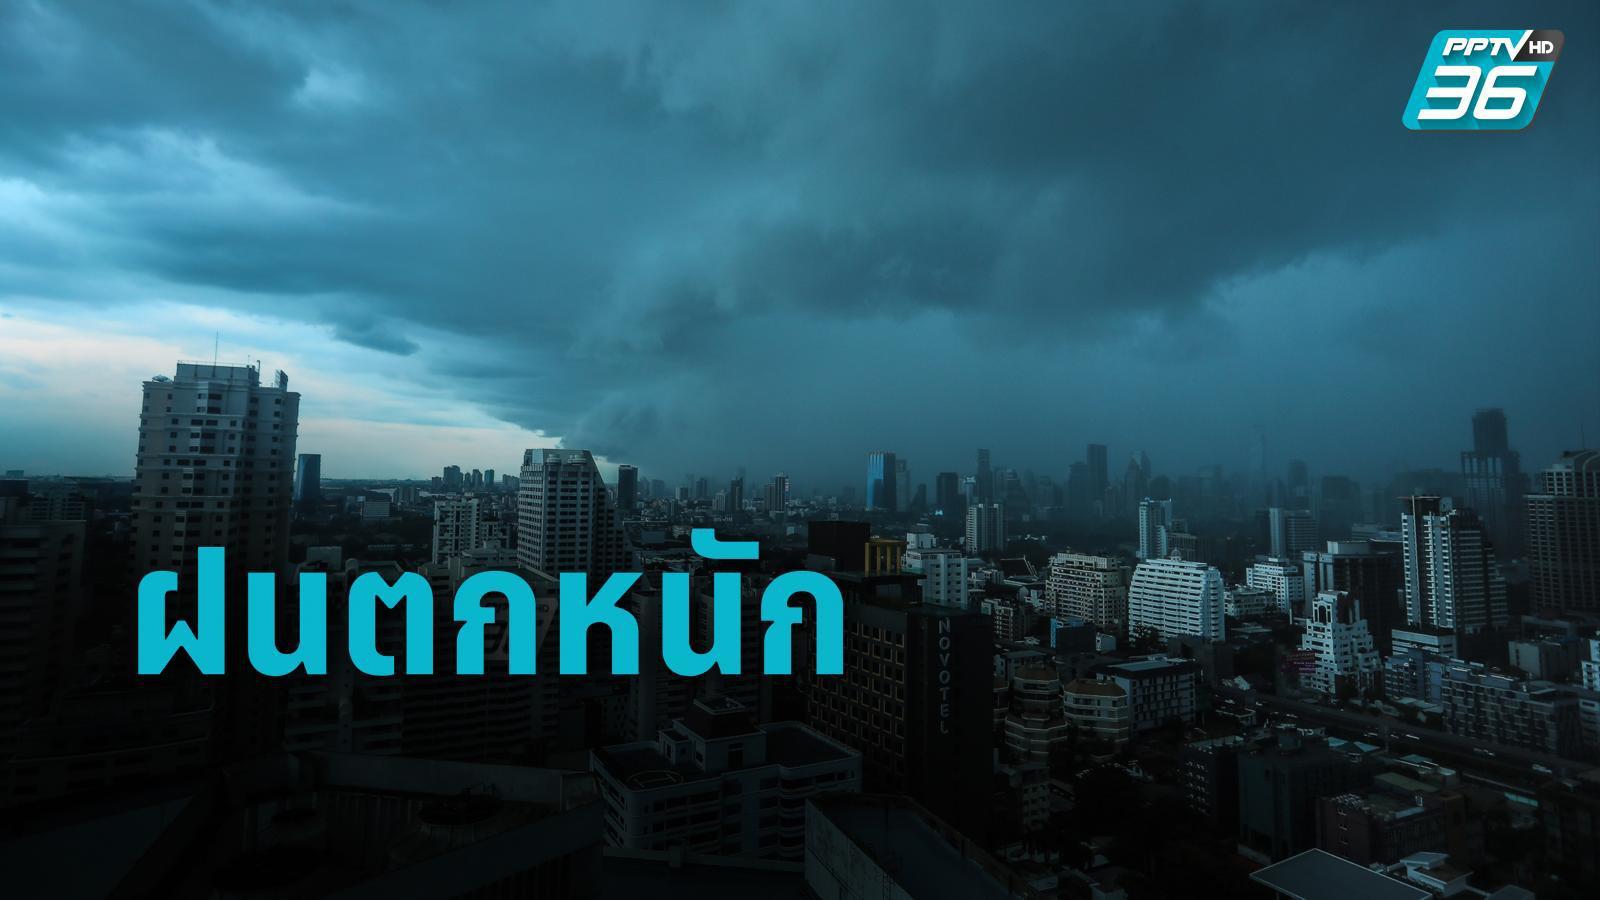 พยากรณ์อากาศวันนี้ อุตุฯ เตือน ทั่วไทยฝนตกหนัก – กทม.มีปริมาณฝน 60%